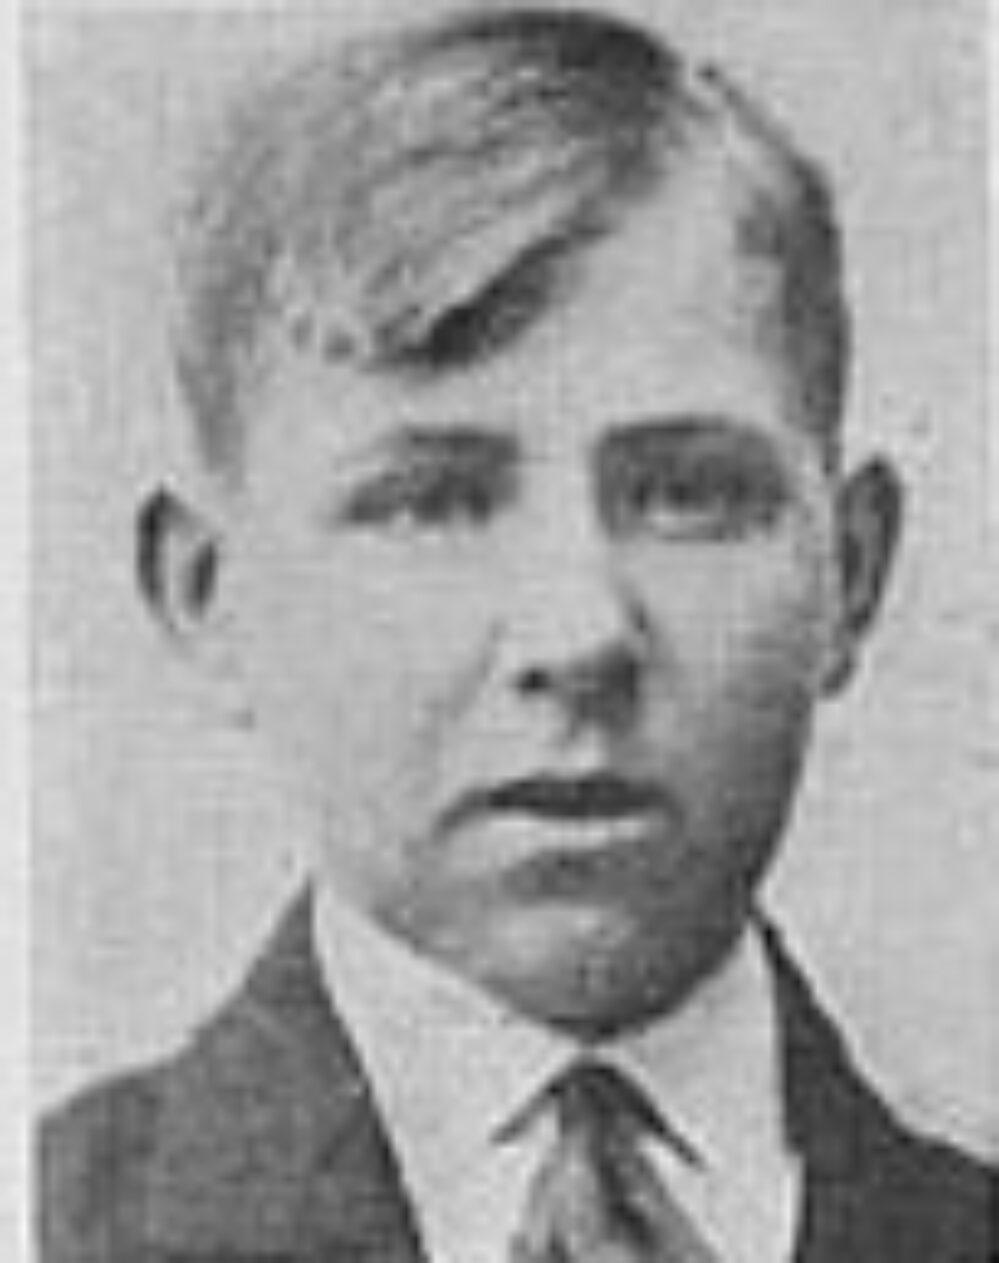 Olav Sigurd Samuelsen